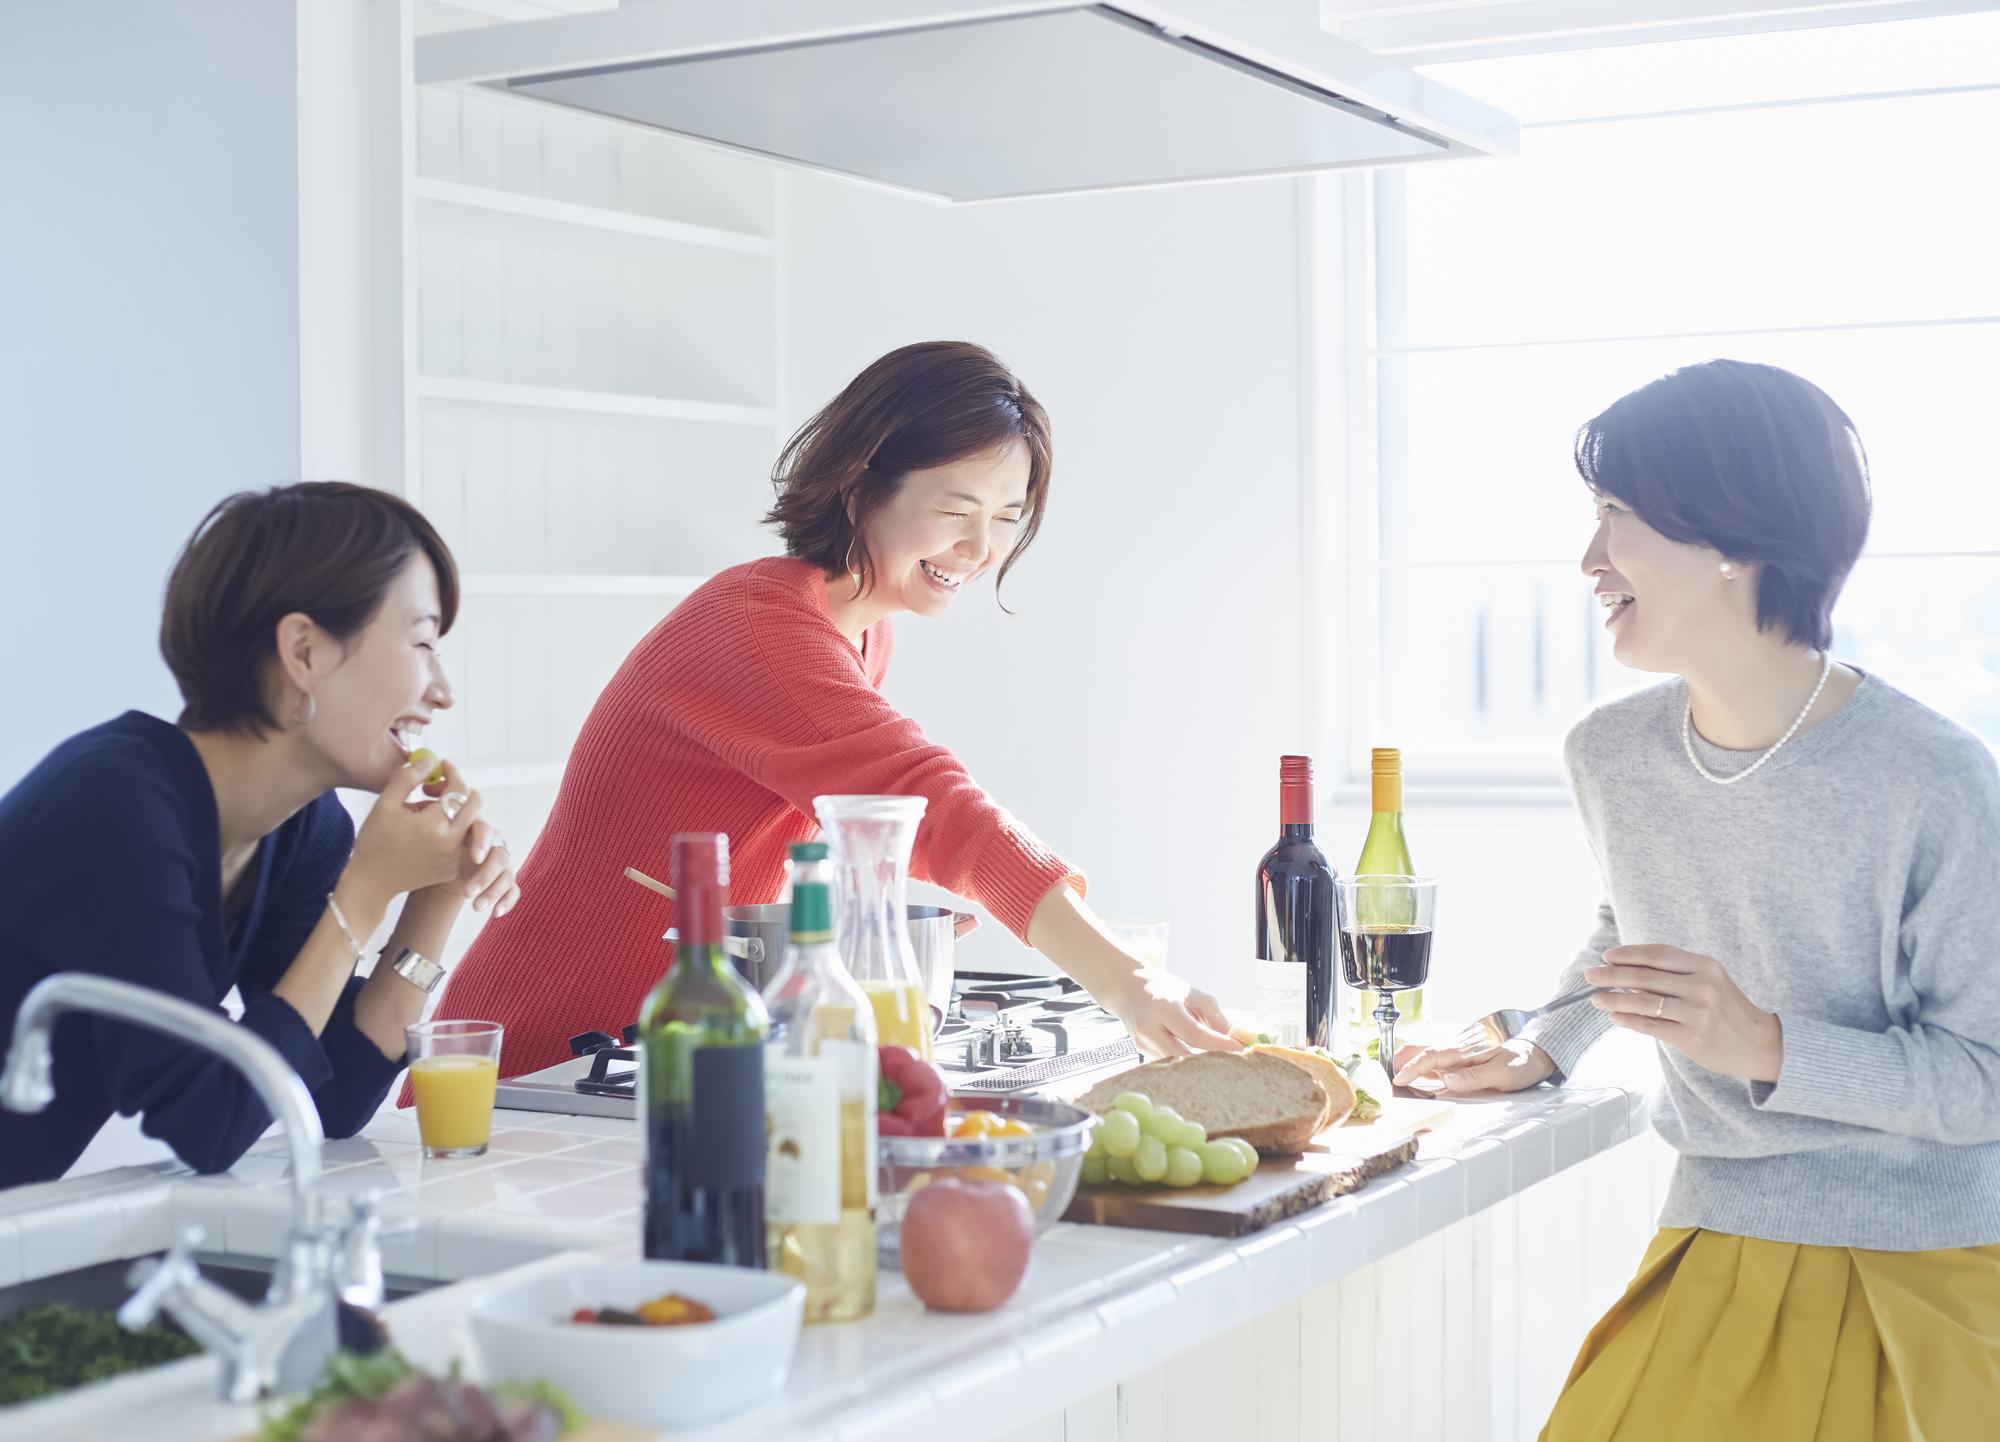 料理しながらパーティー!キッチン付きレンタルスペース特集|TIME SHARING|タイムシェアリング|スペースマネジメント|あどばる|adval|SHARING